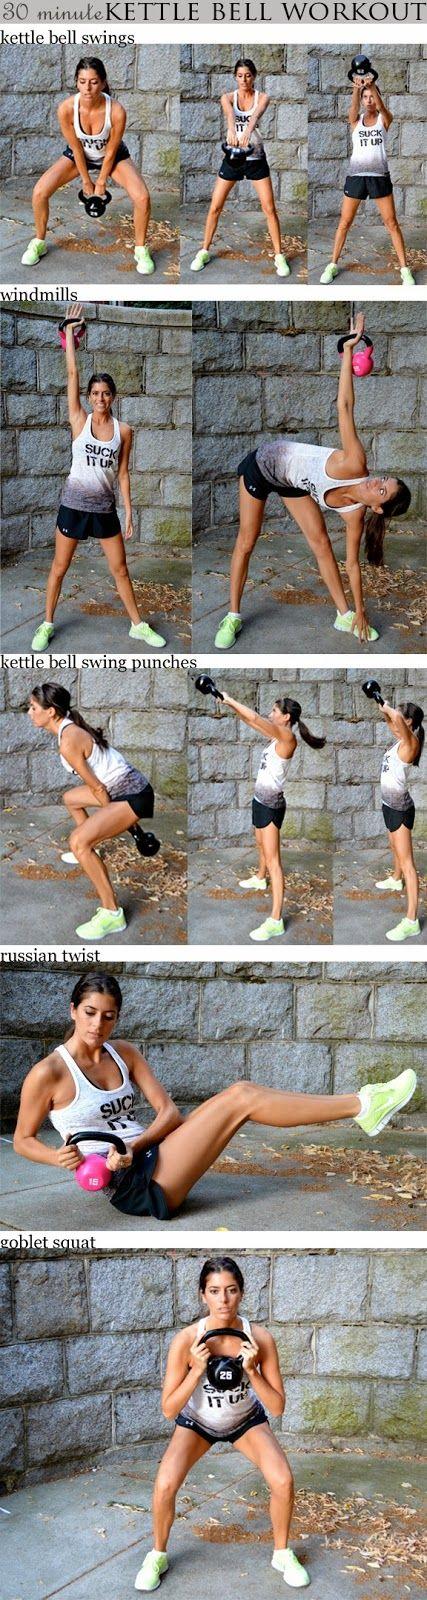 Amazing Snaps: 30-Minute Kettlebell Workout https://www.kettlebellmaniac.com/shop/